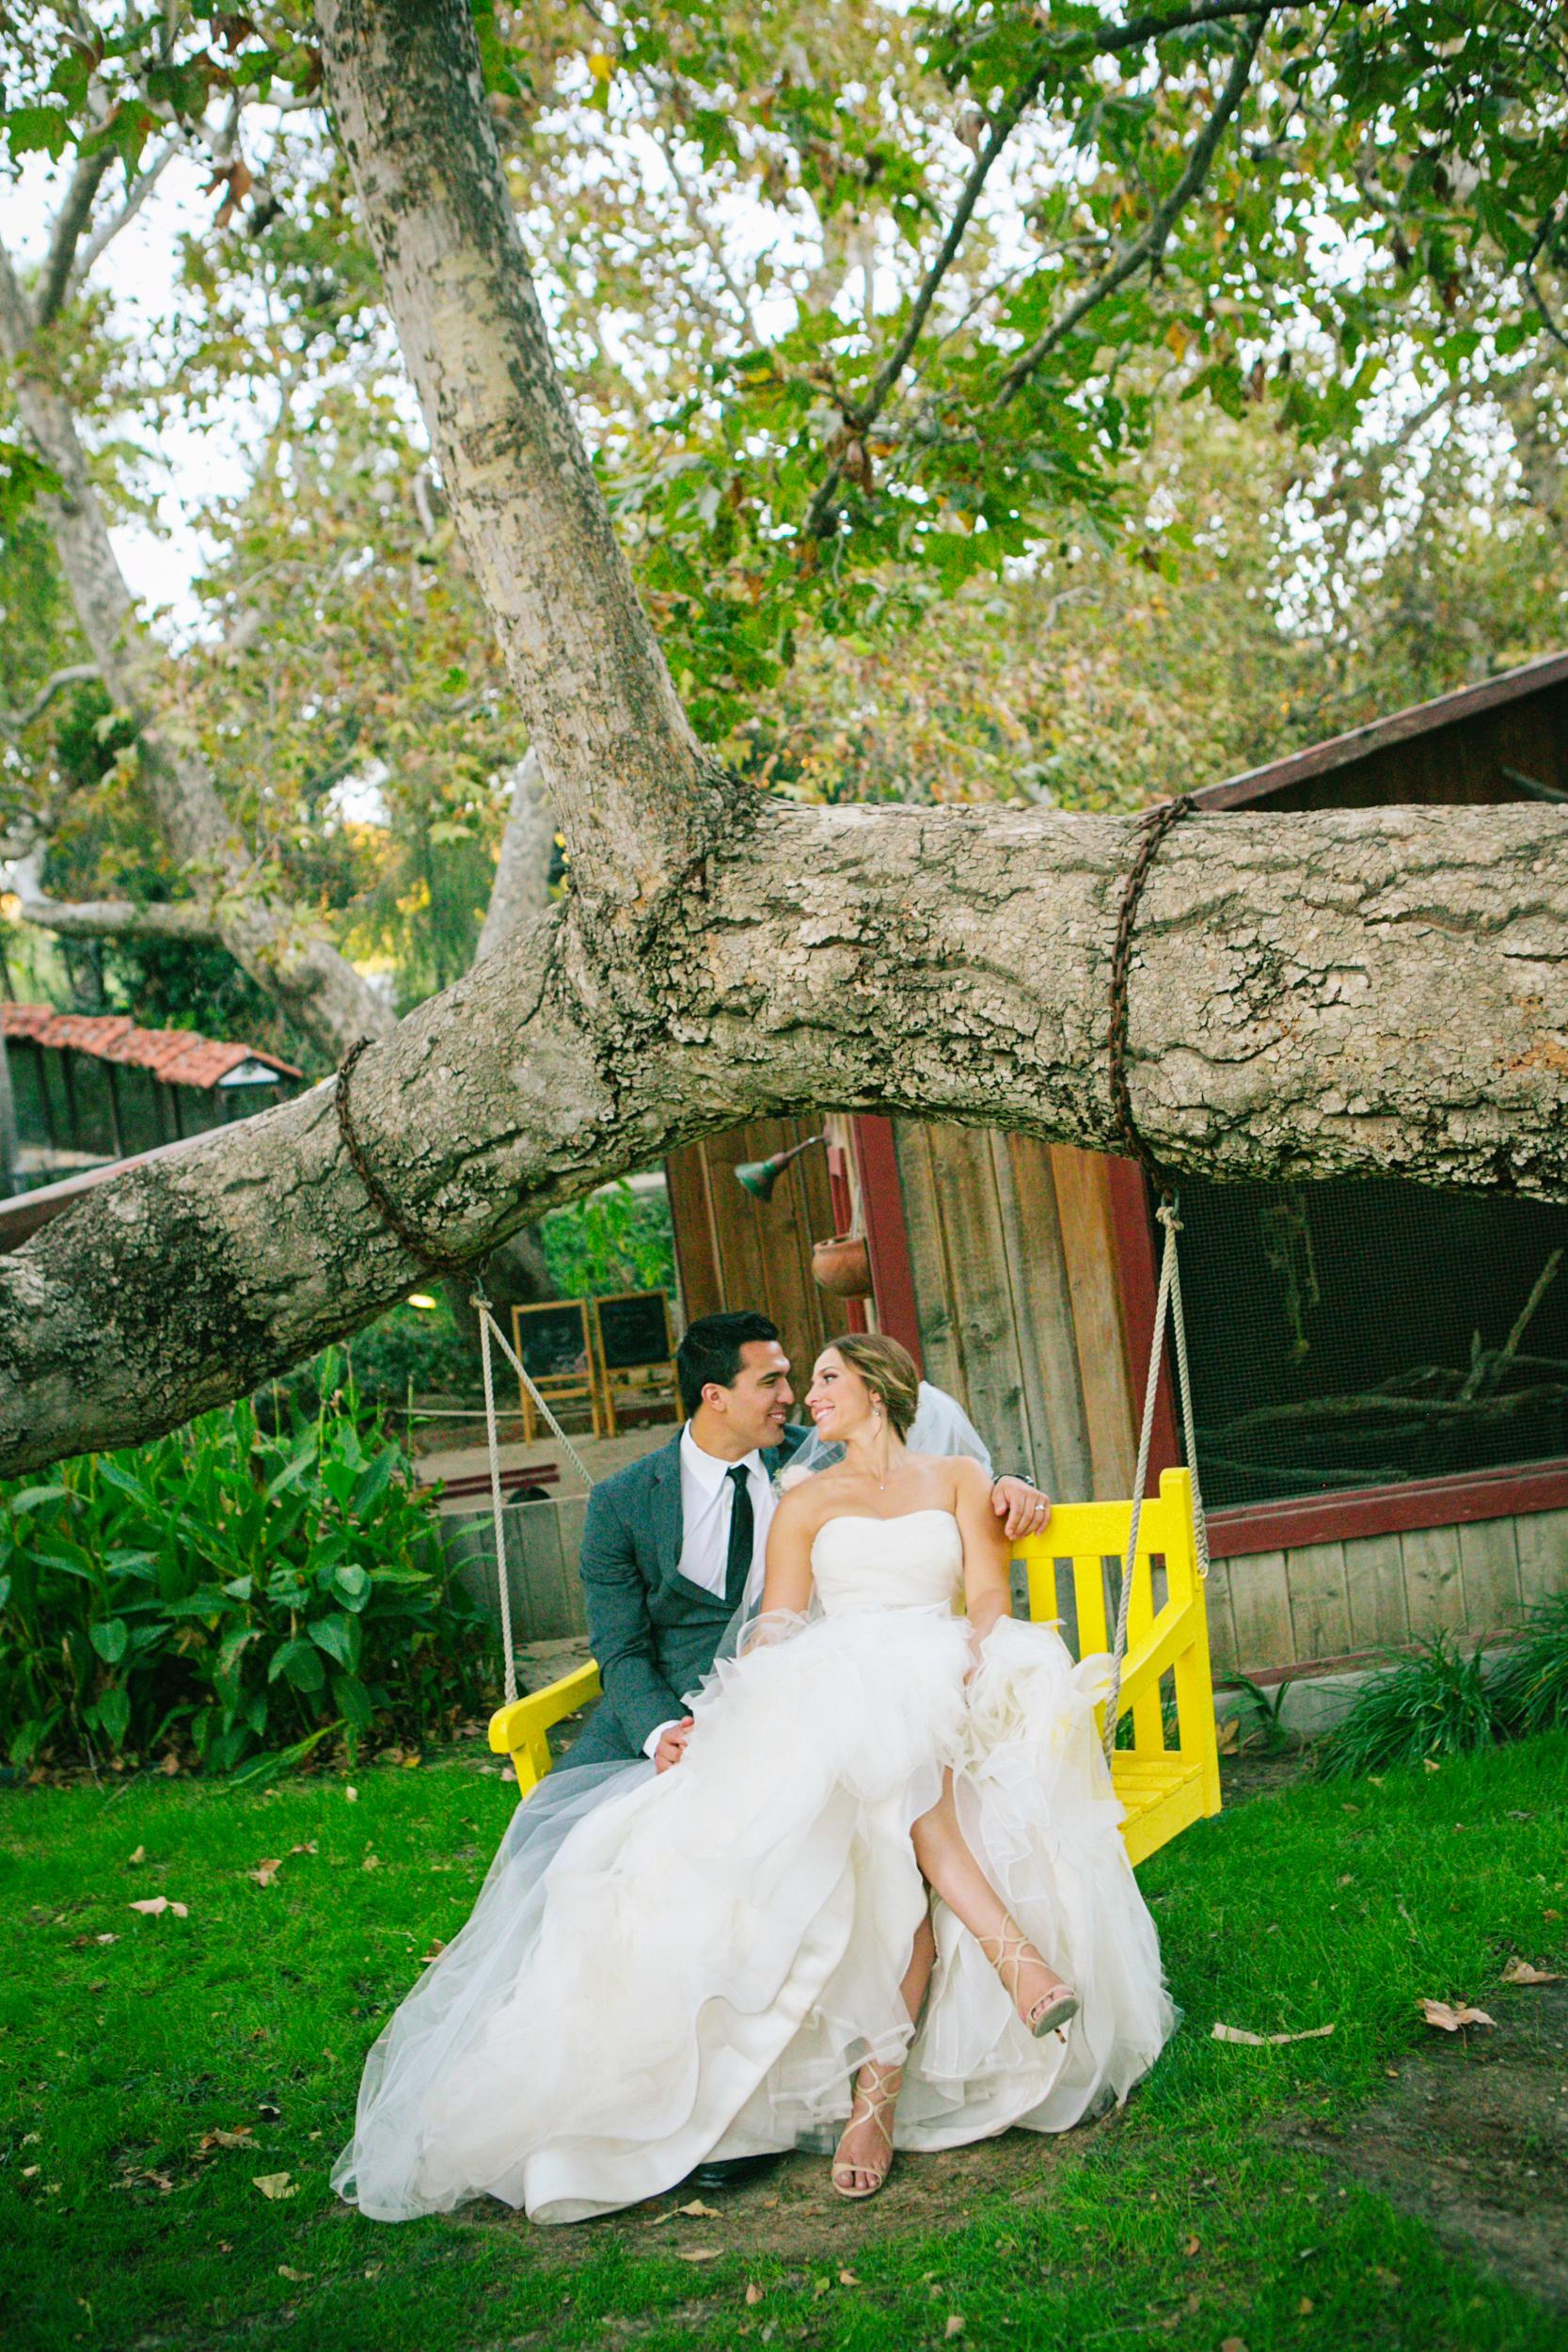 Rancho-Las-Lomas-Wedding-0014.JPG